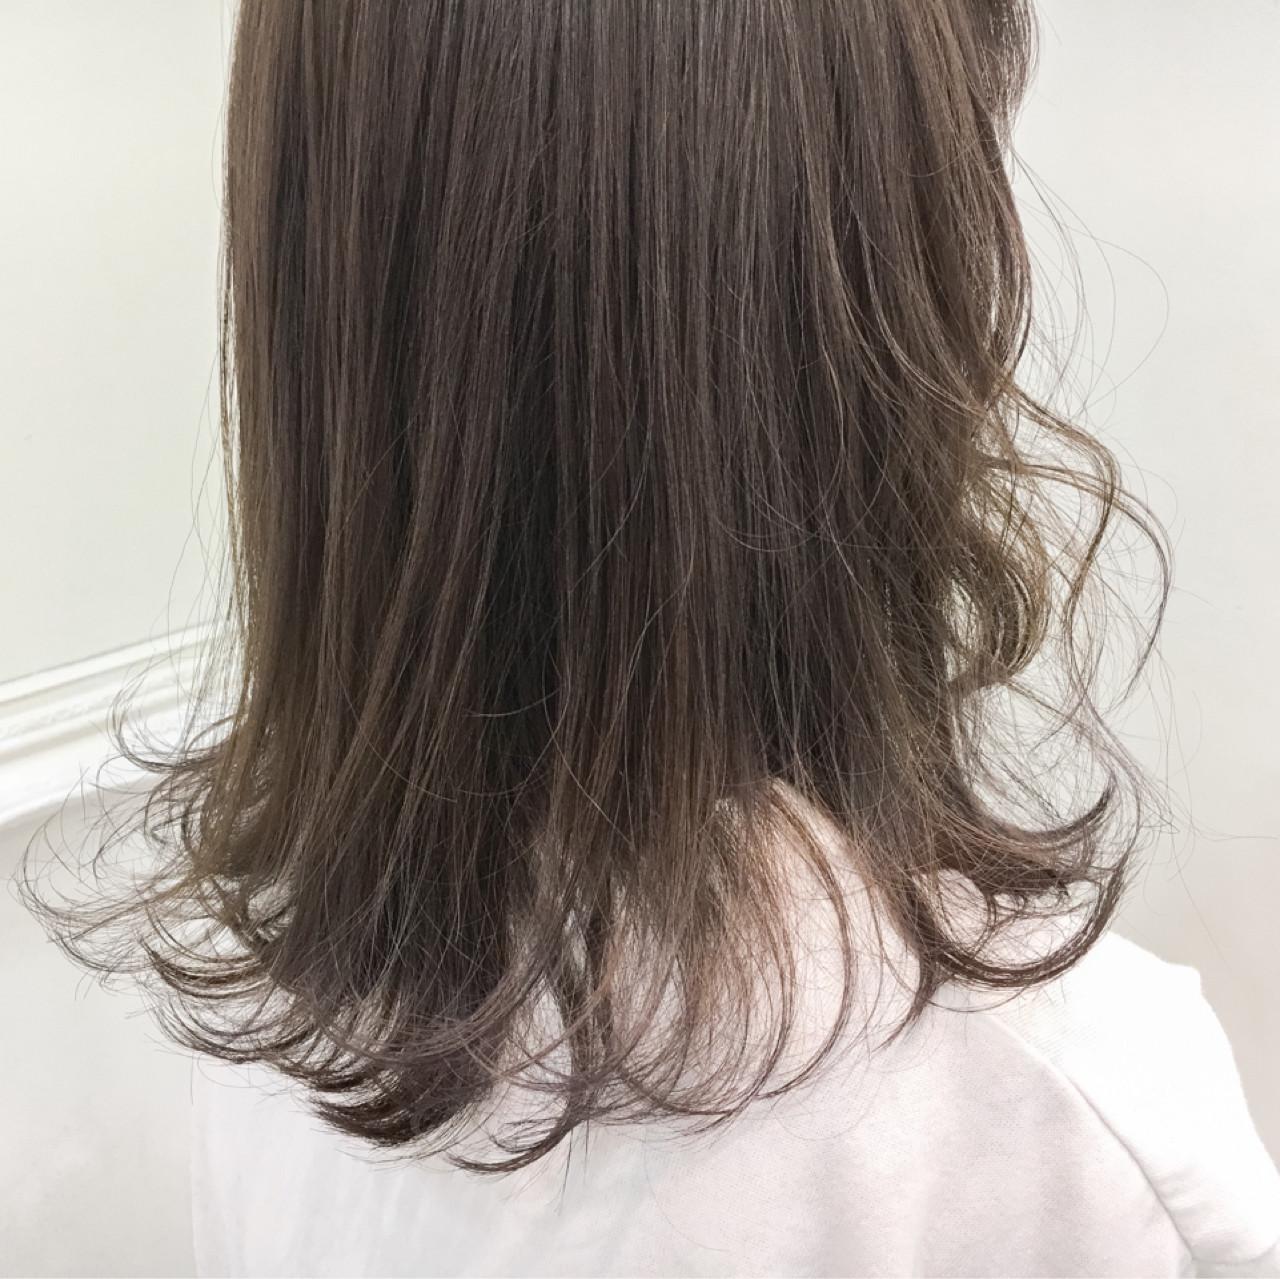 透明感 セミロング 冬 秋ヘアスタイルや髪型の写真・画像